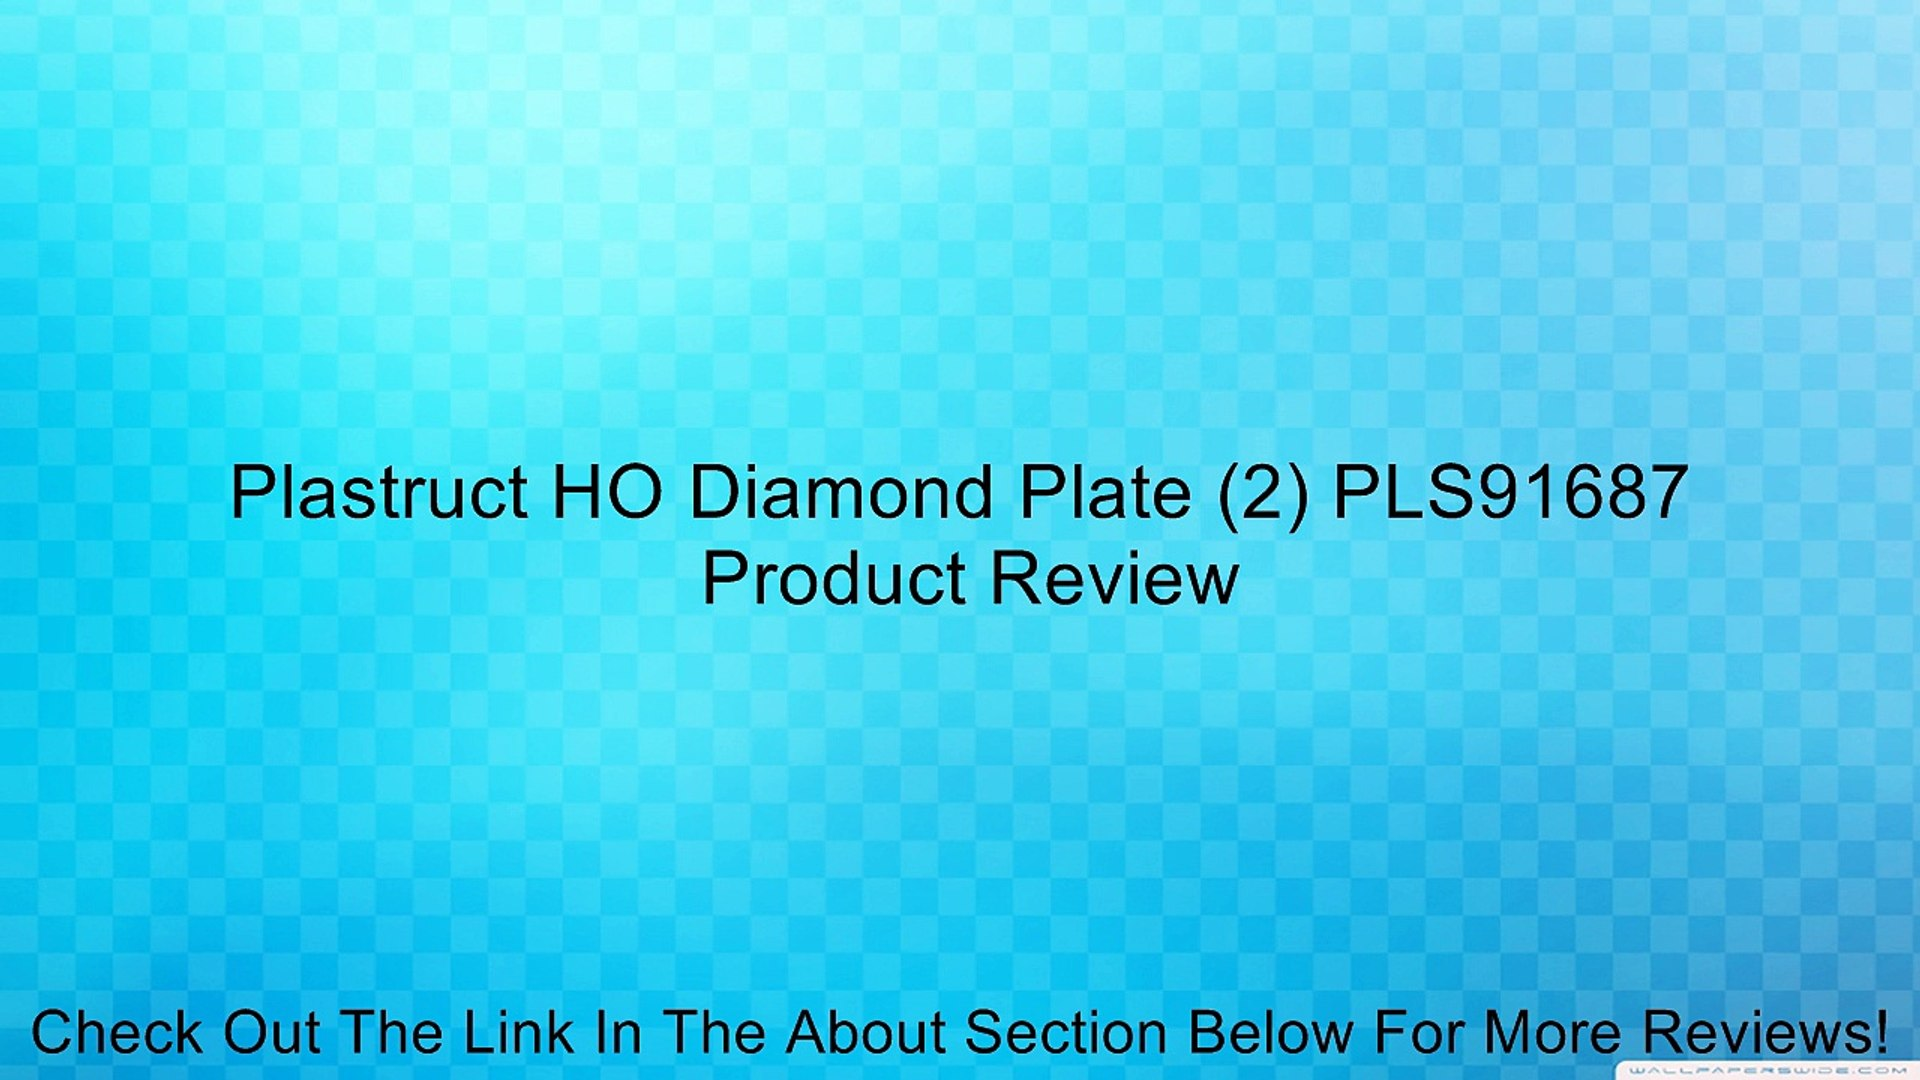 2 Plastruct PLS91687 HO Diamond Plate